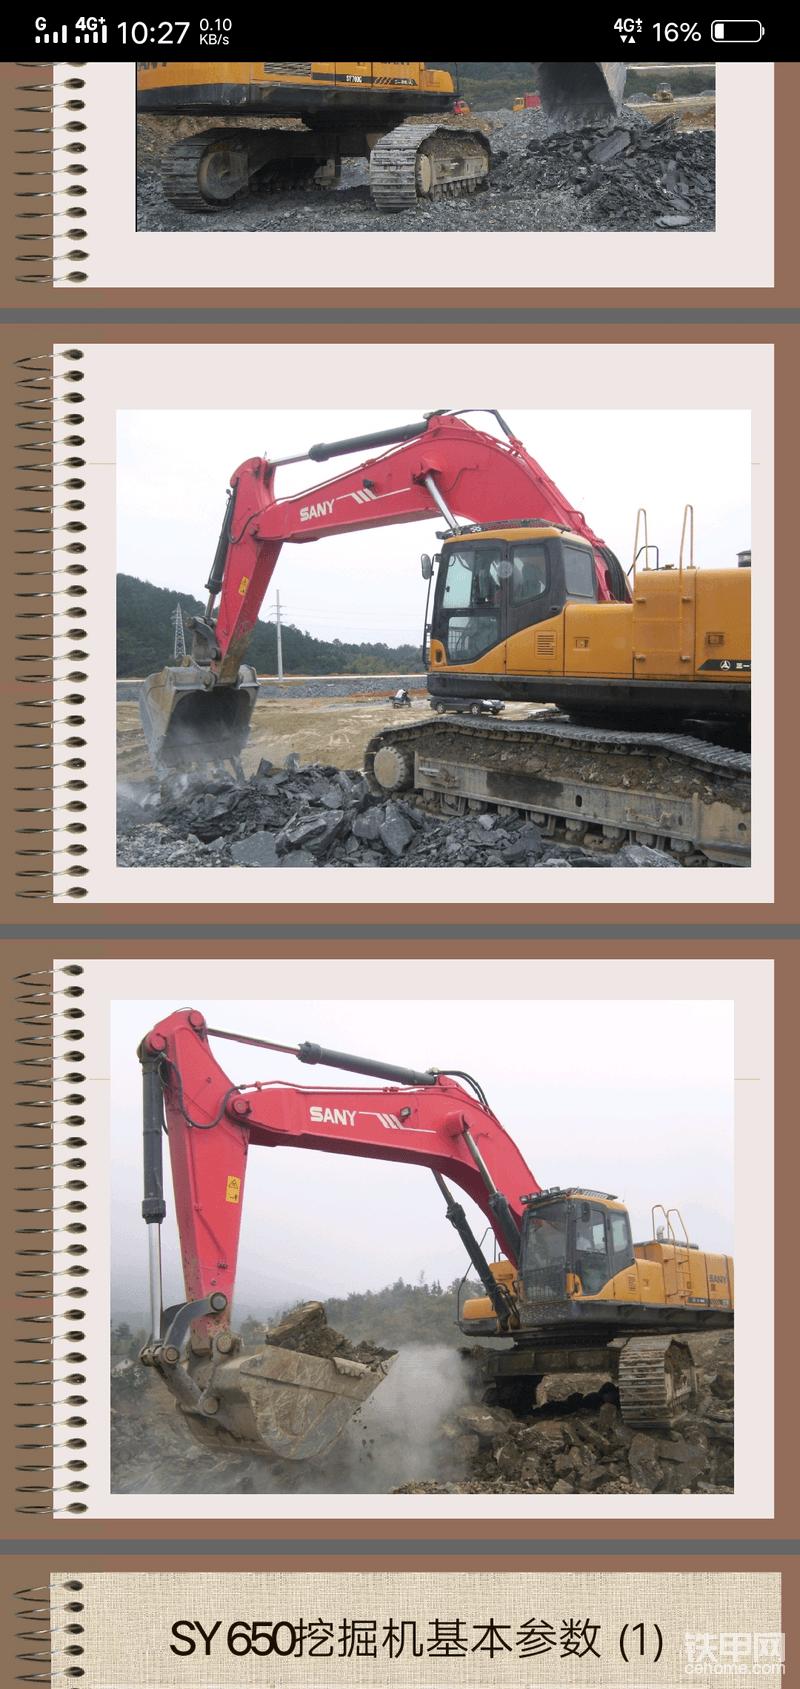 三一挖掘機維修技術資料-帖子圖片